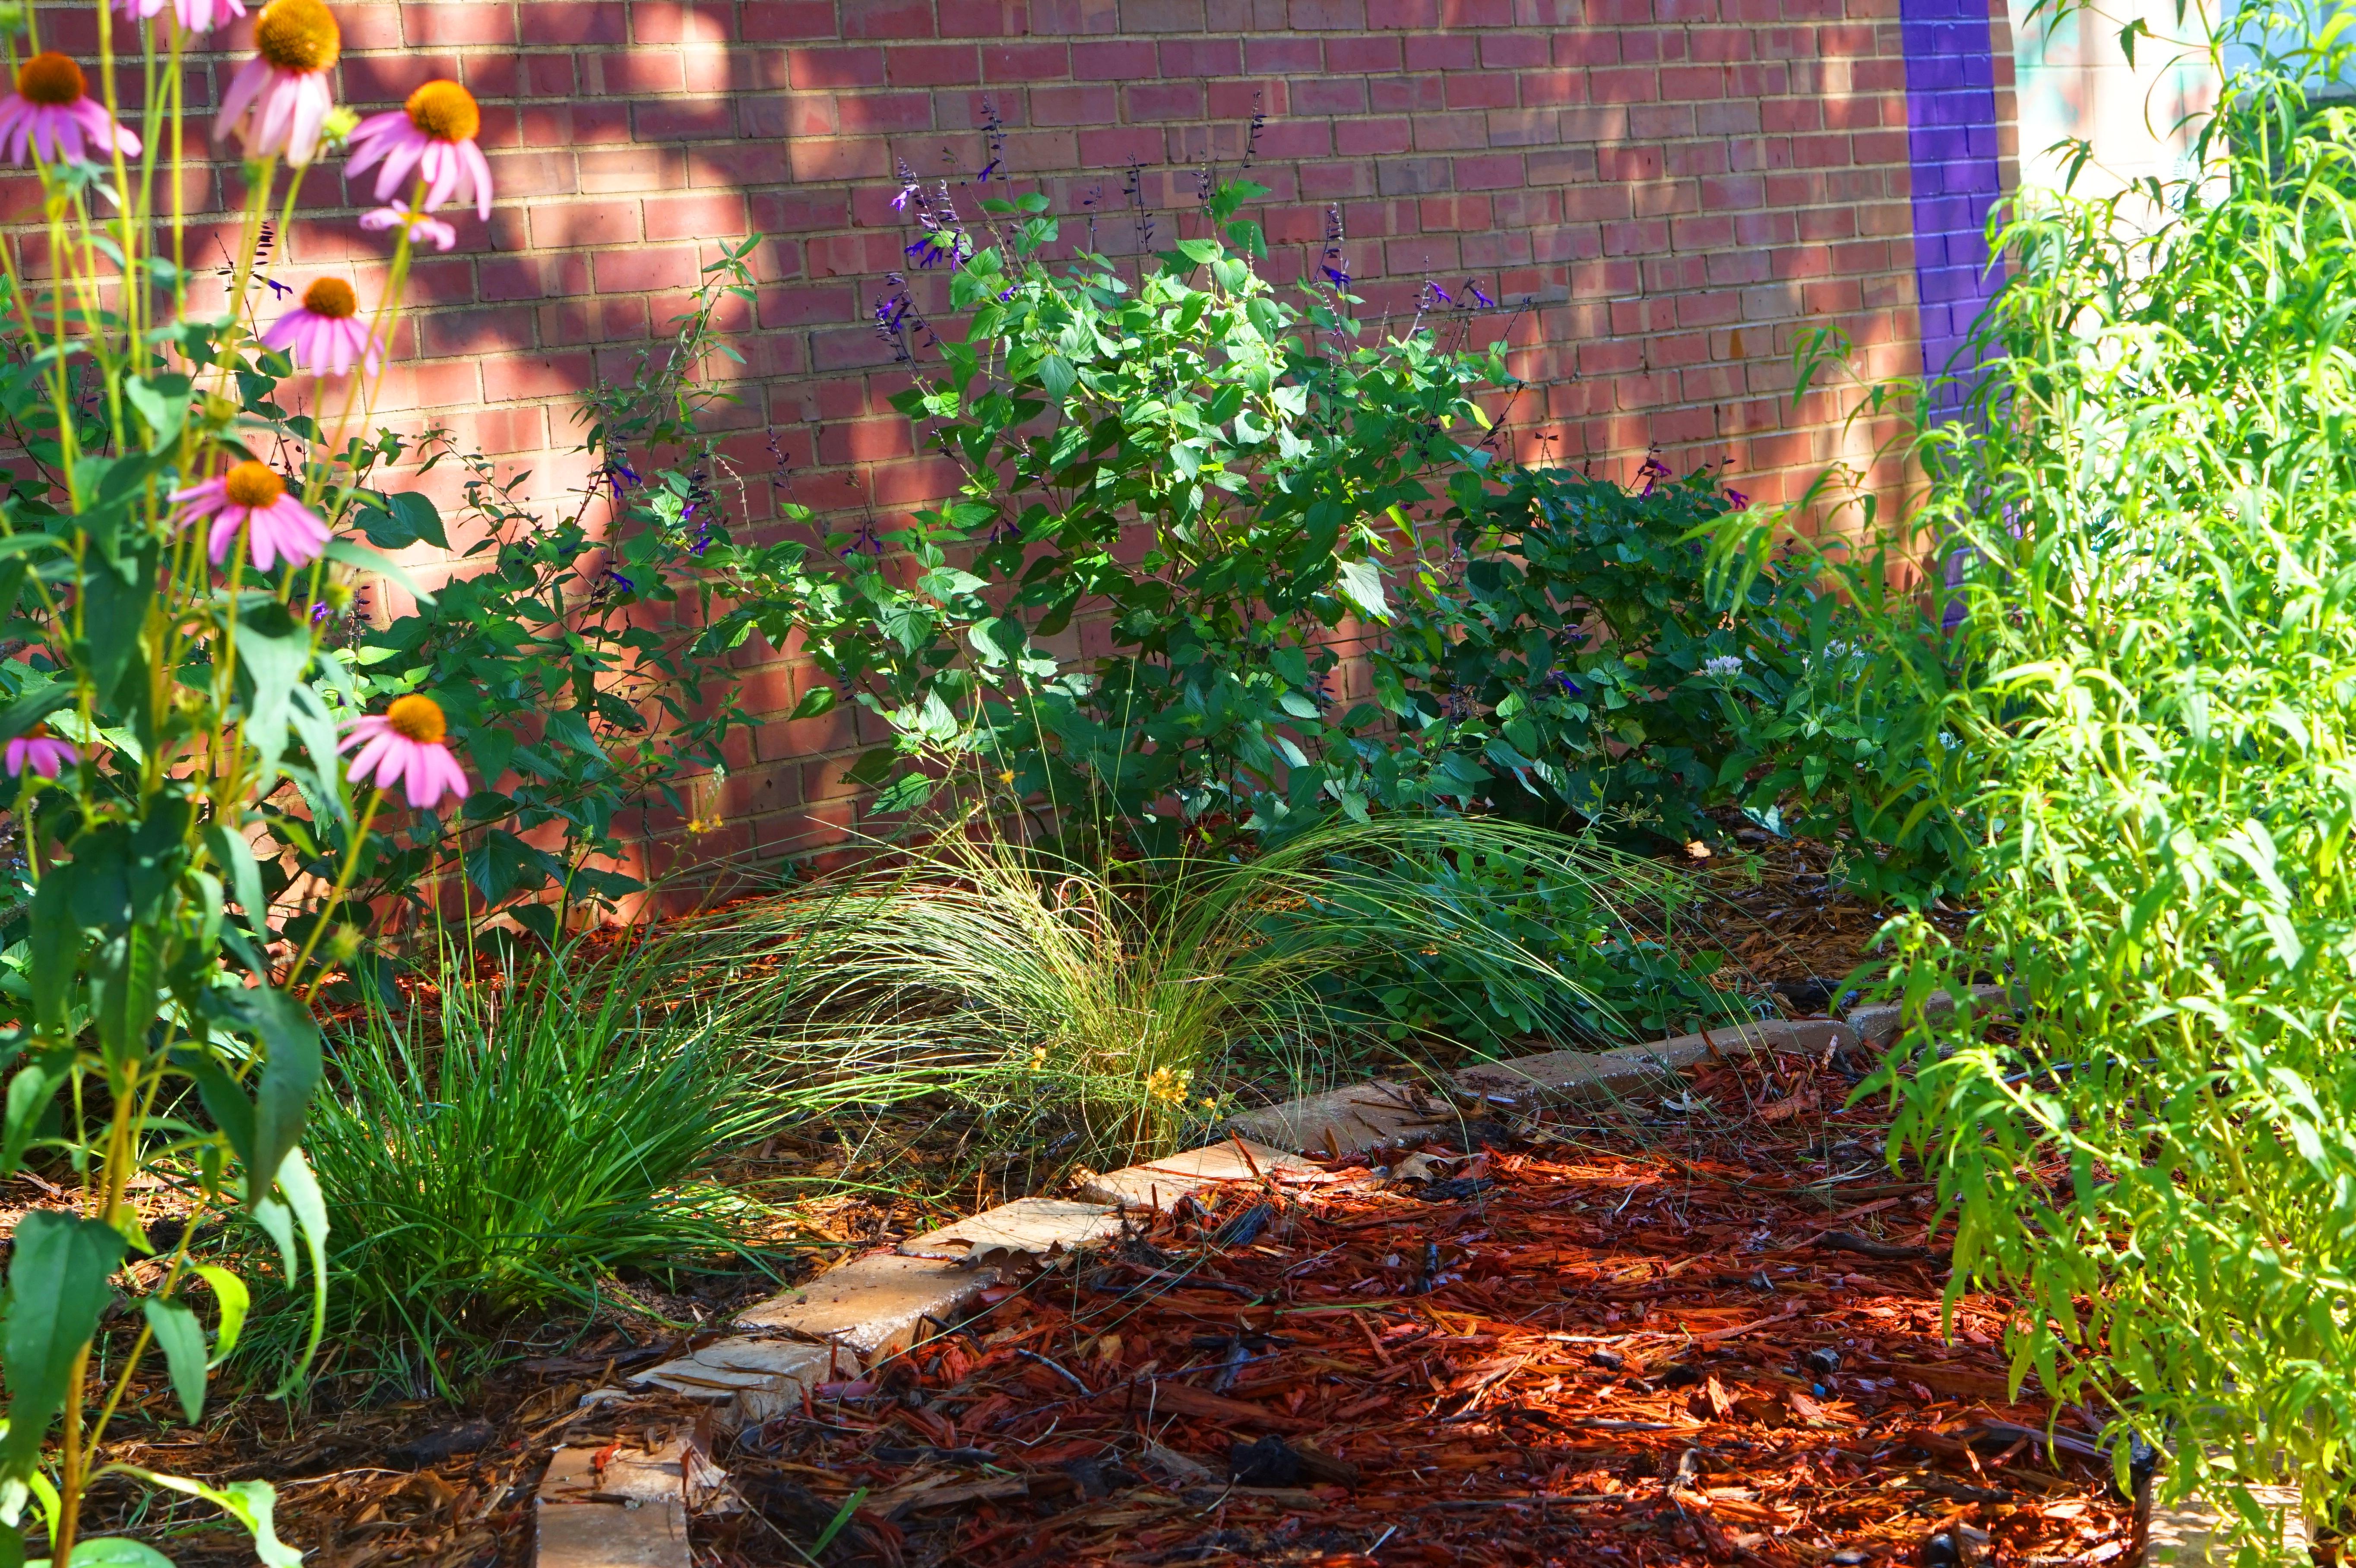 Gardening for a Wildlife Habitat